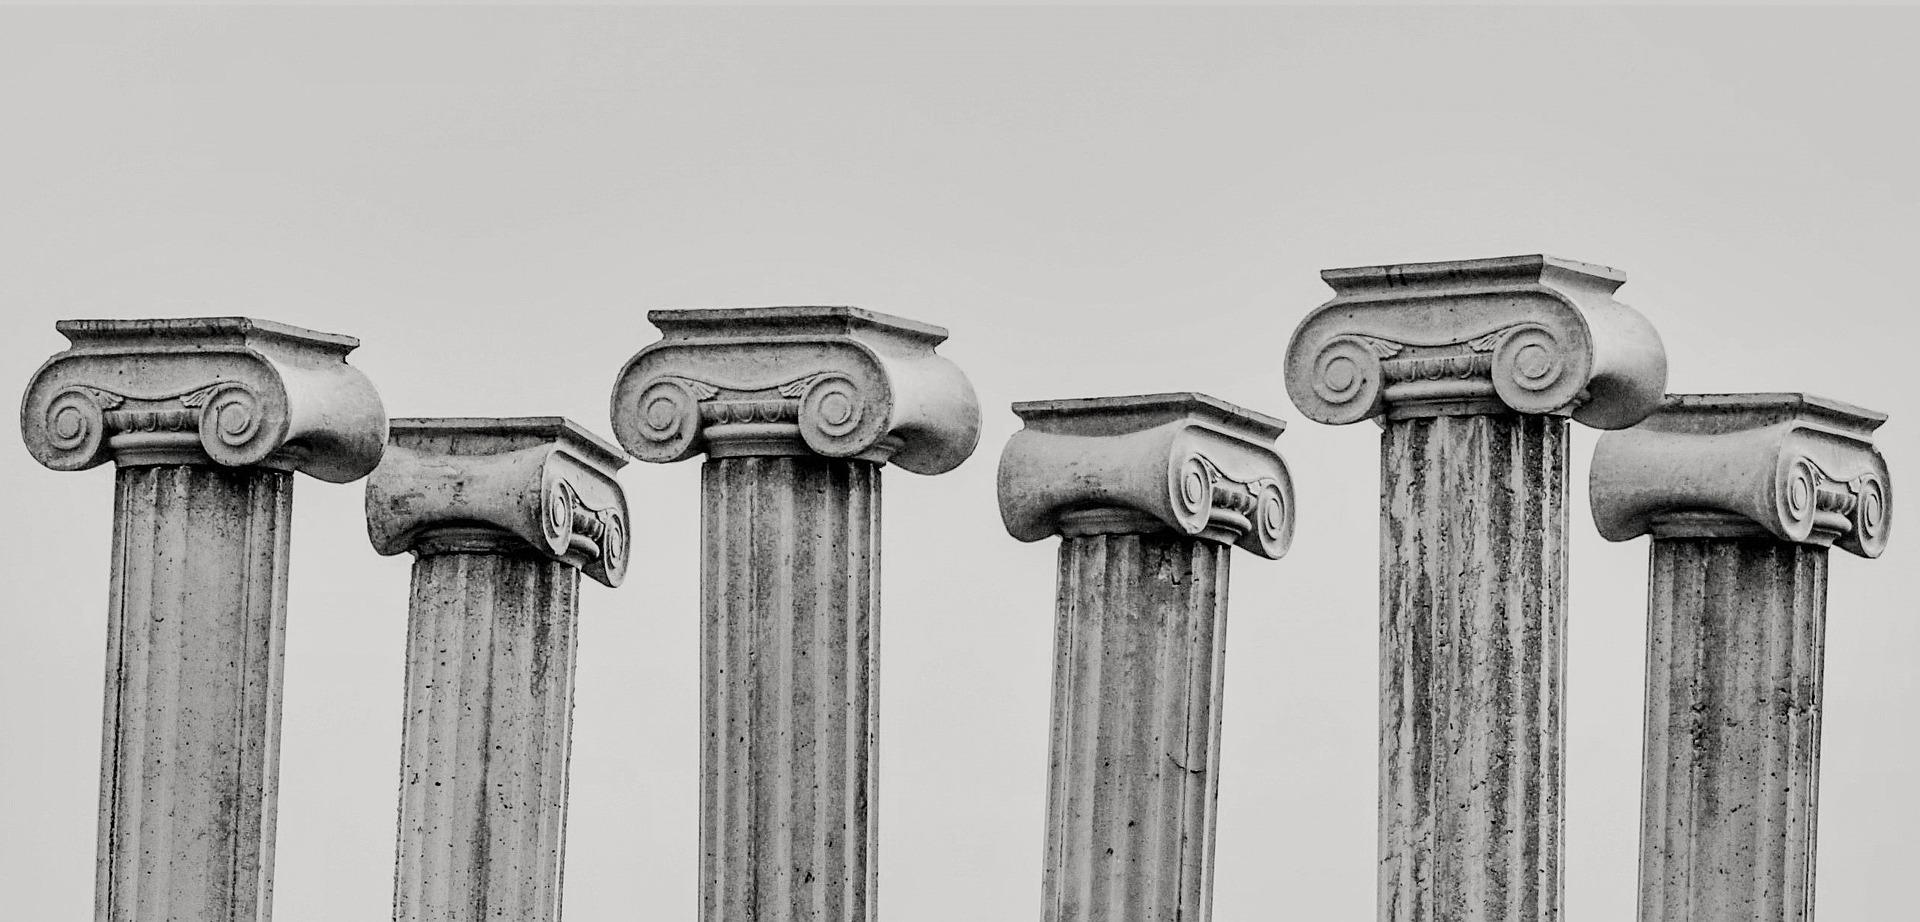 pillar-capitals-2135682_1920